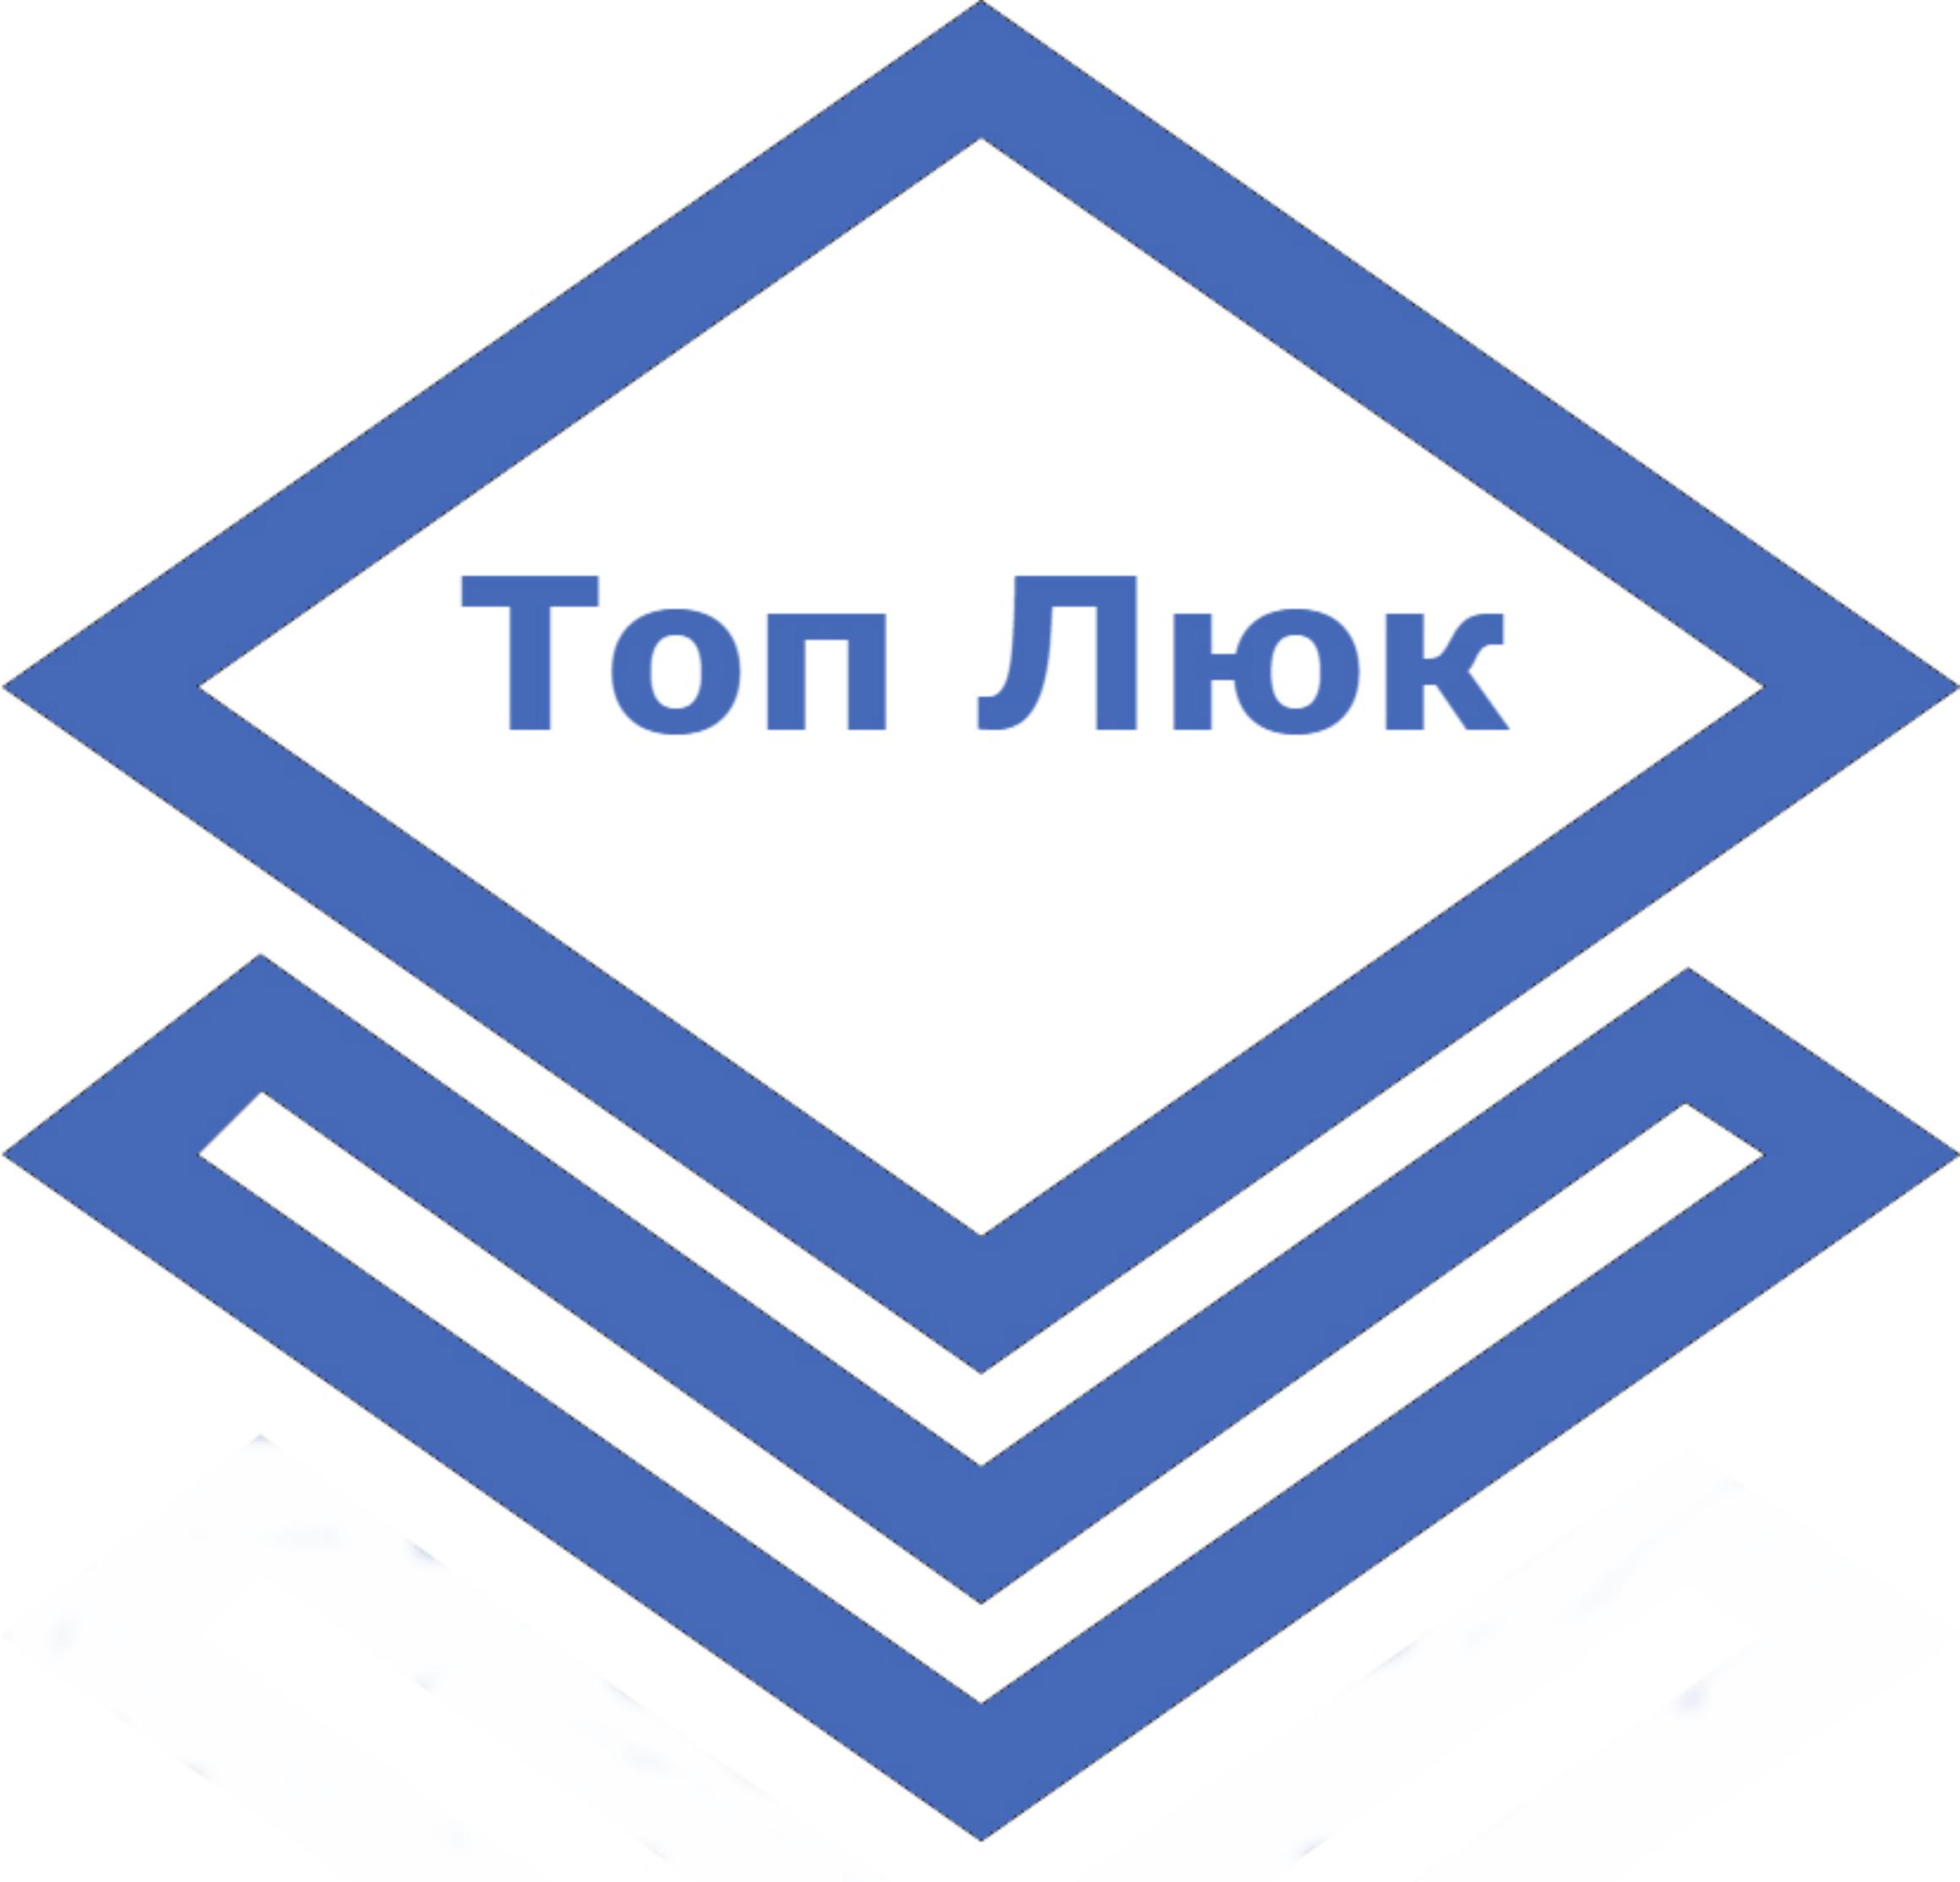 Ревизионные люки, решетки любых размеров в пределах разумного. Topluk.ru